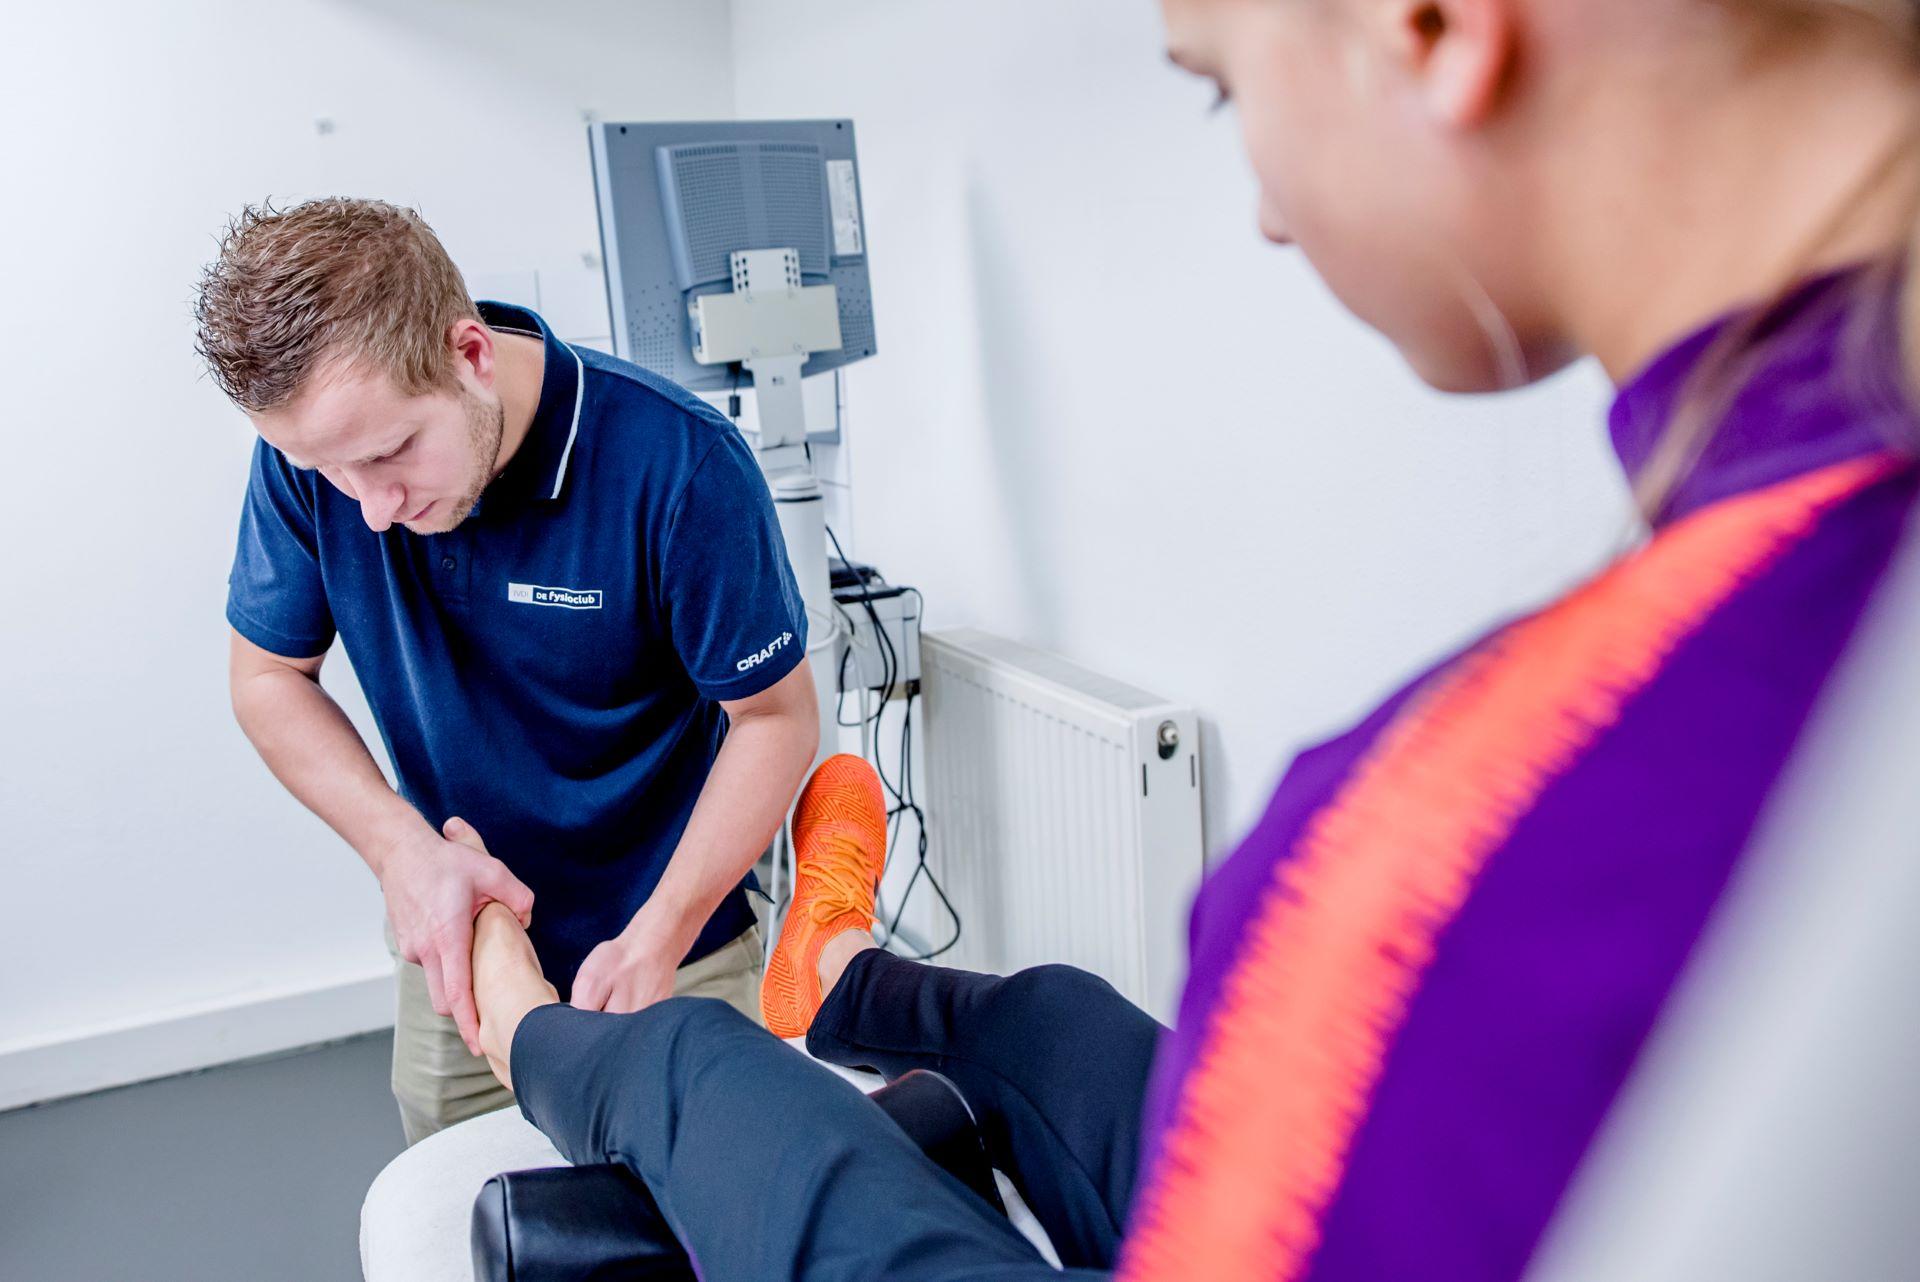 Fysiotherapeut van Jeurissen & vd Ingh behandelt cliënt